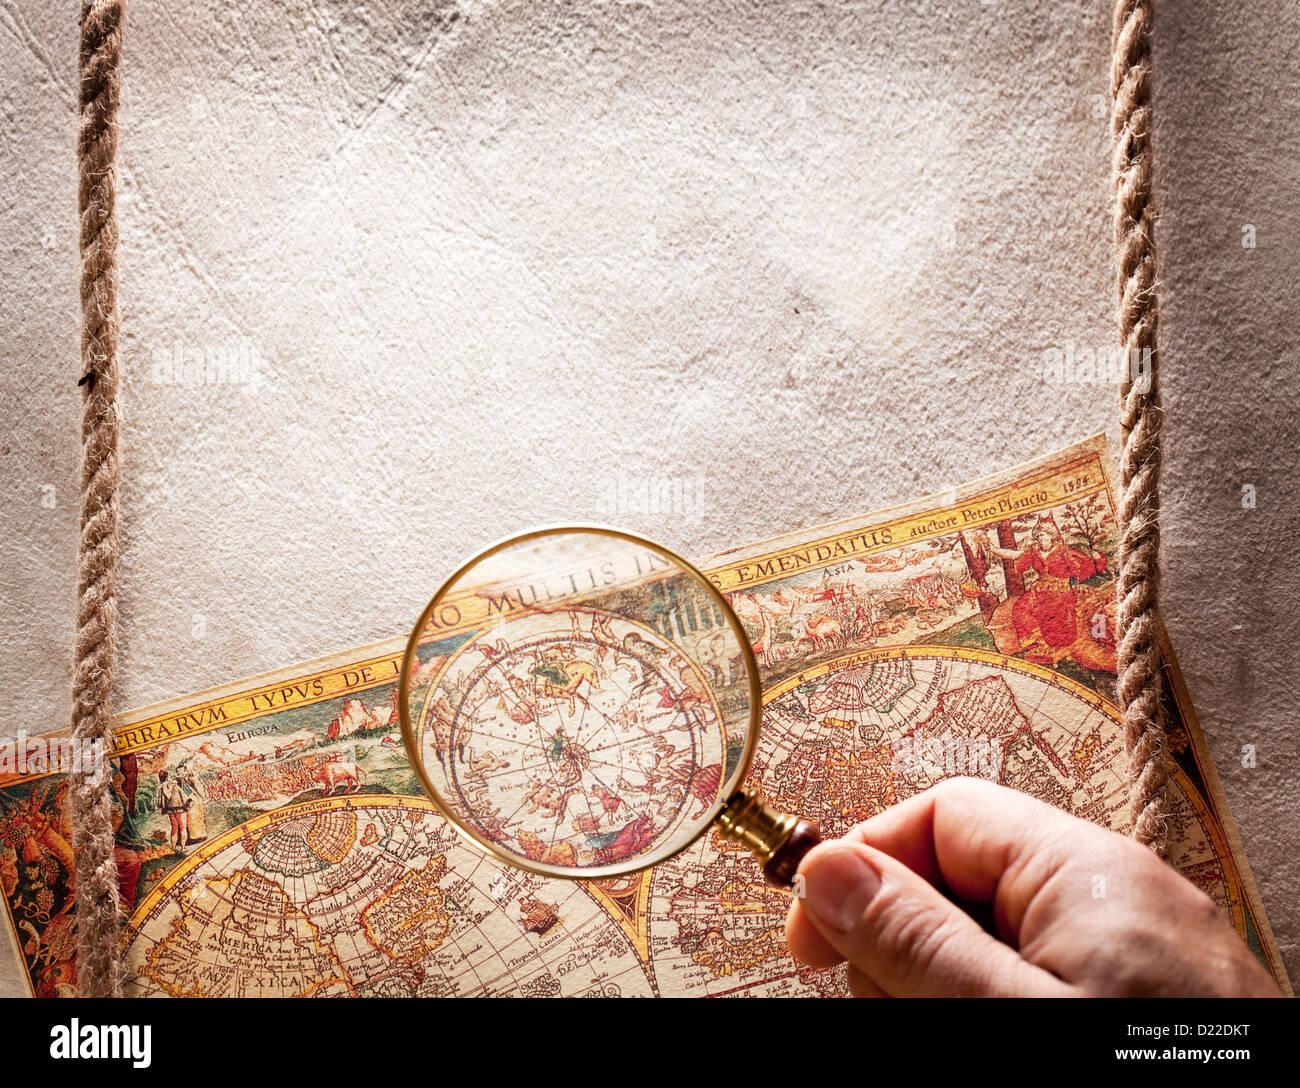 Vistos a través de una lupa en el mapa antiguo. Foto de stock